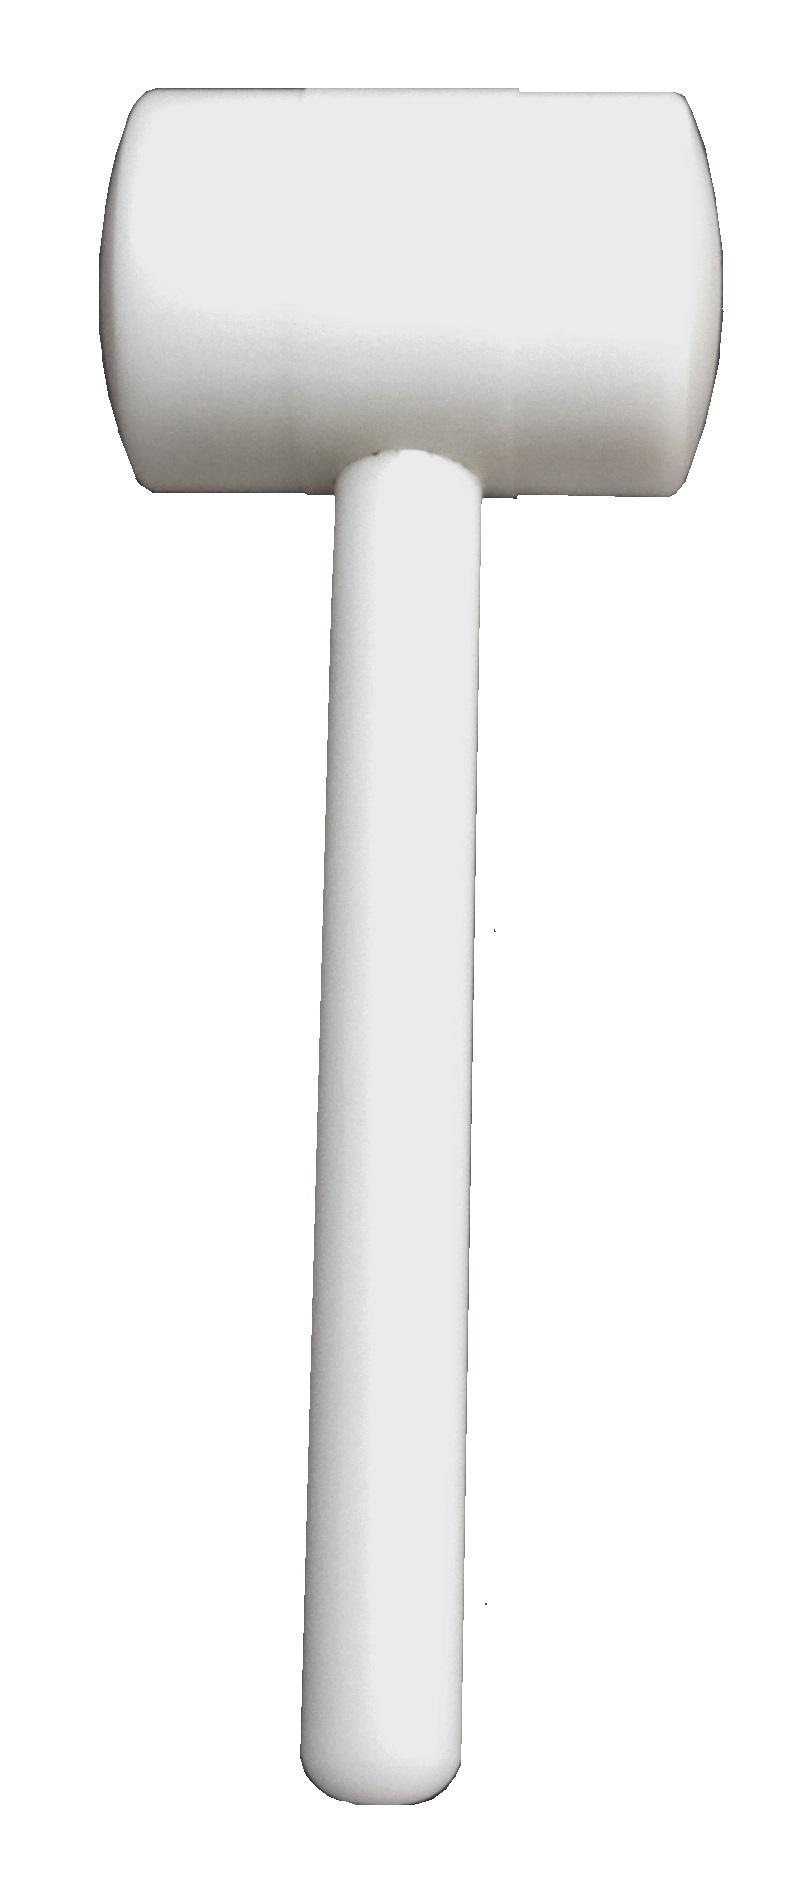 martello in polietilene taglieri.org